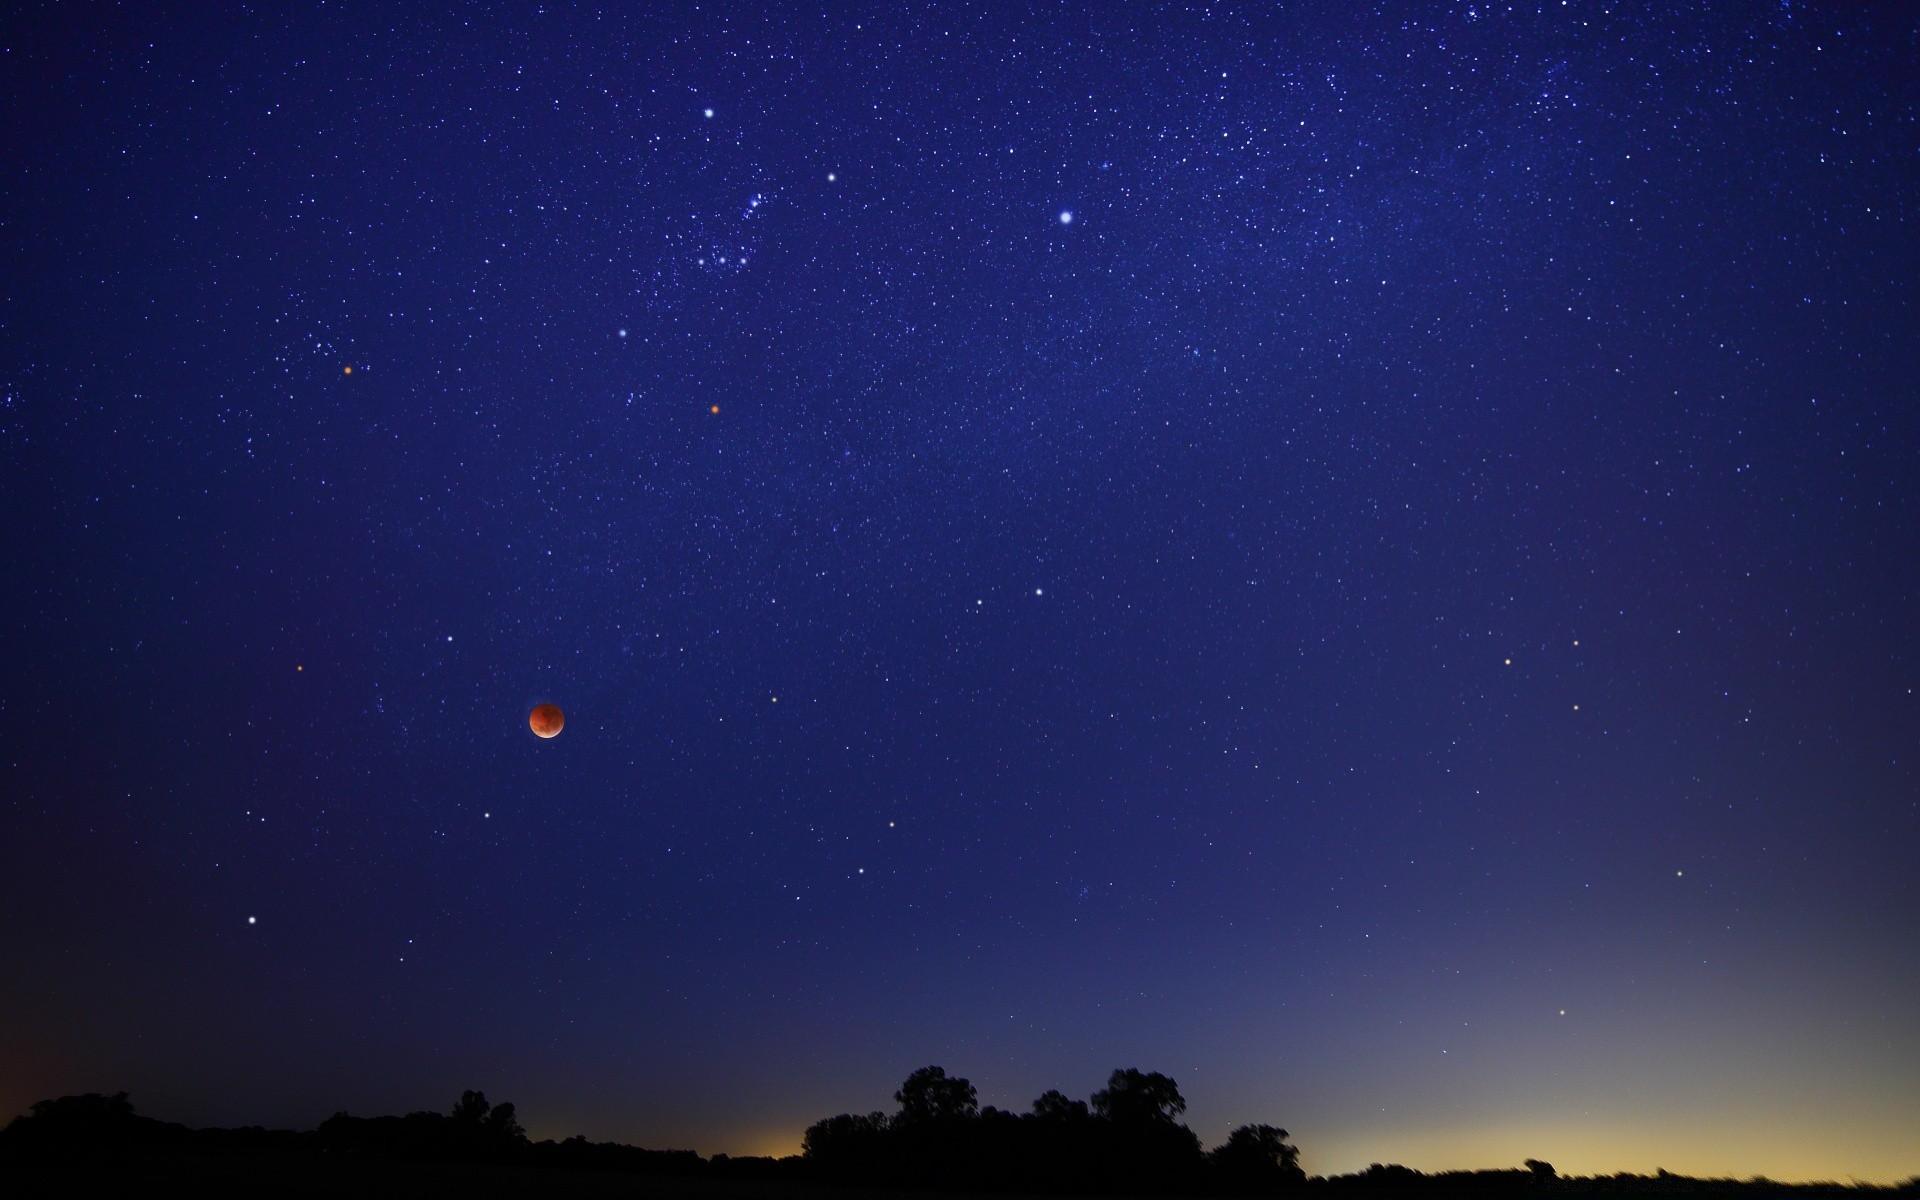 к небу синему пошли  небо синее зажгли  Фотоприколы